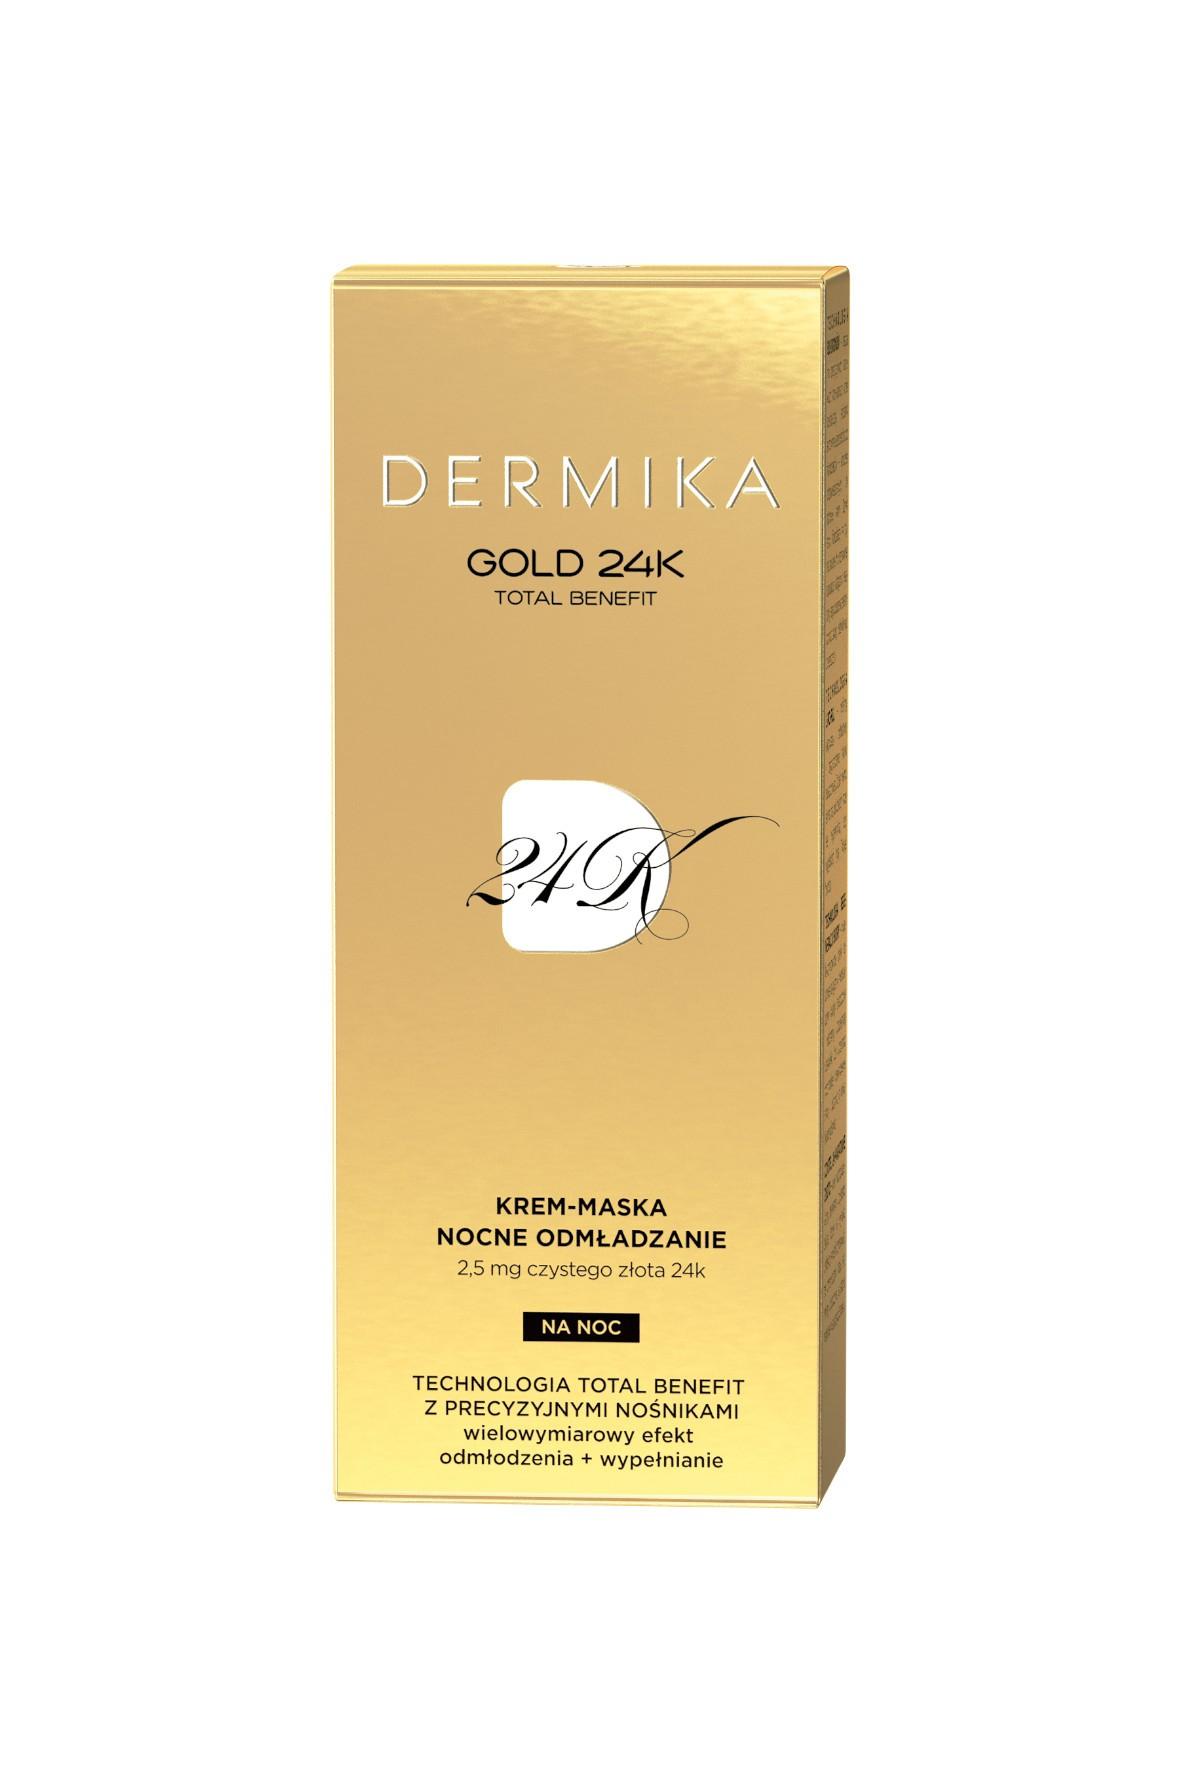 DERMIKA GOLD 24K krem-maska - 50 ml